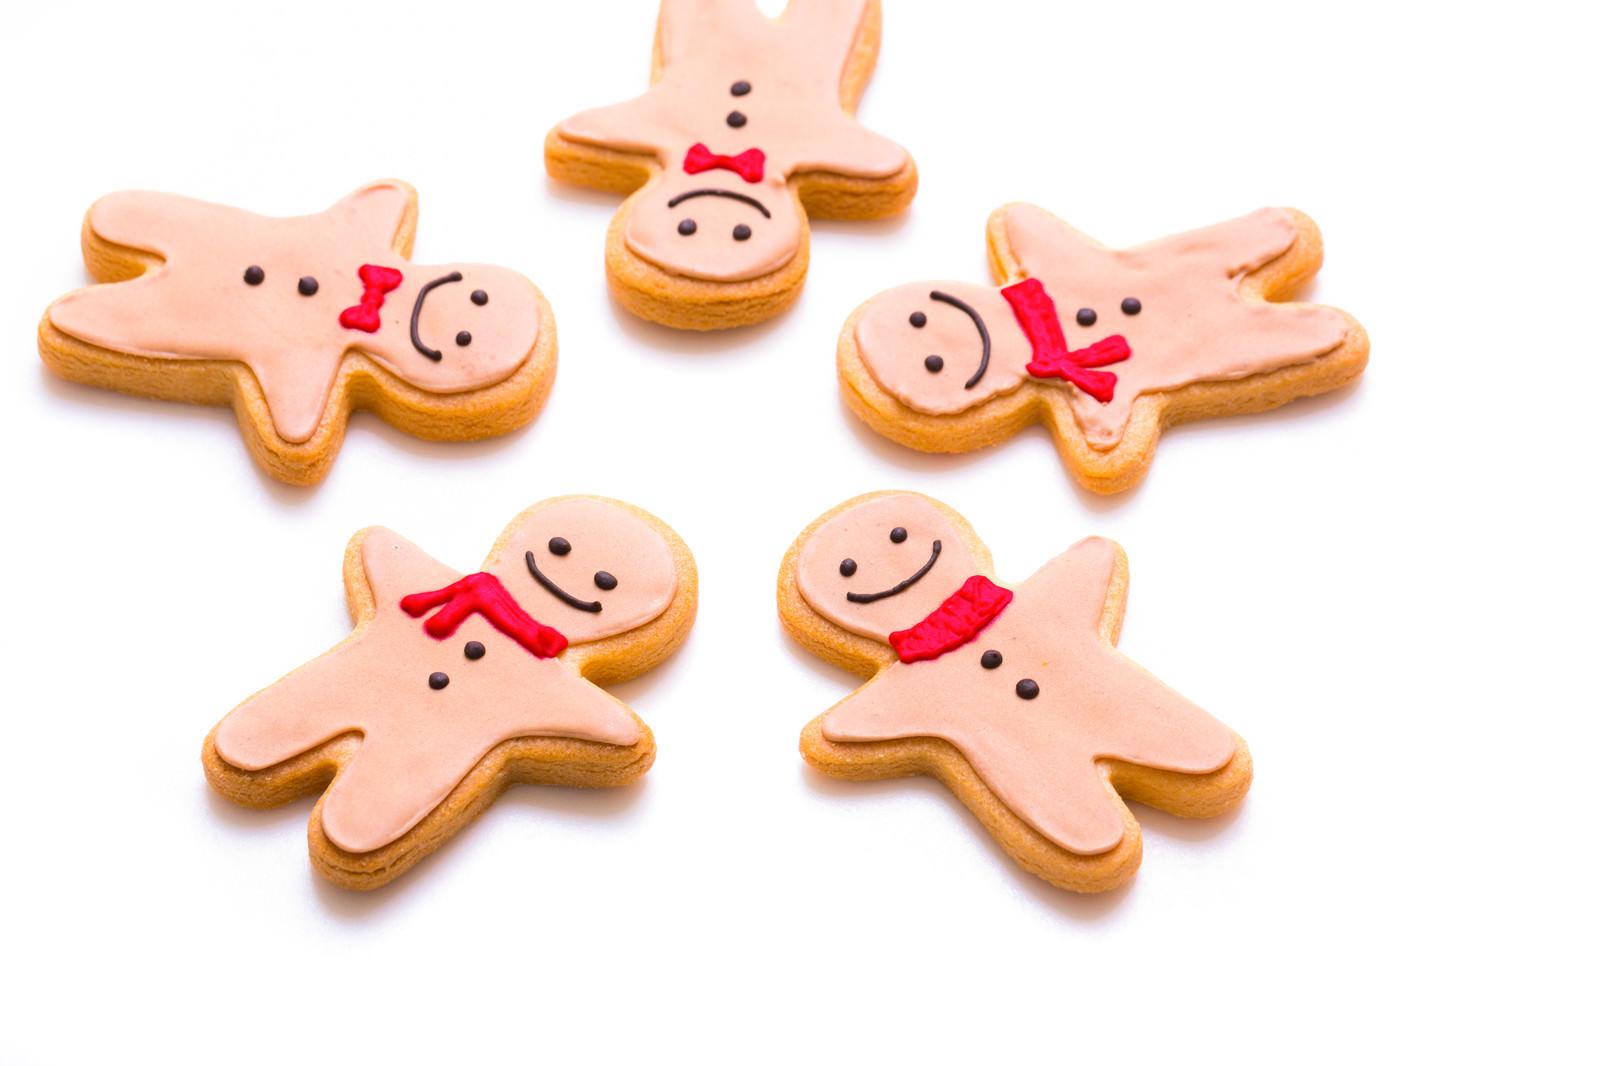 「仲良し5人組クッキー仲良し5人組クッキー」のフリー写真素材を拡大